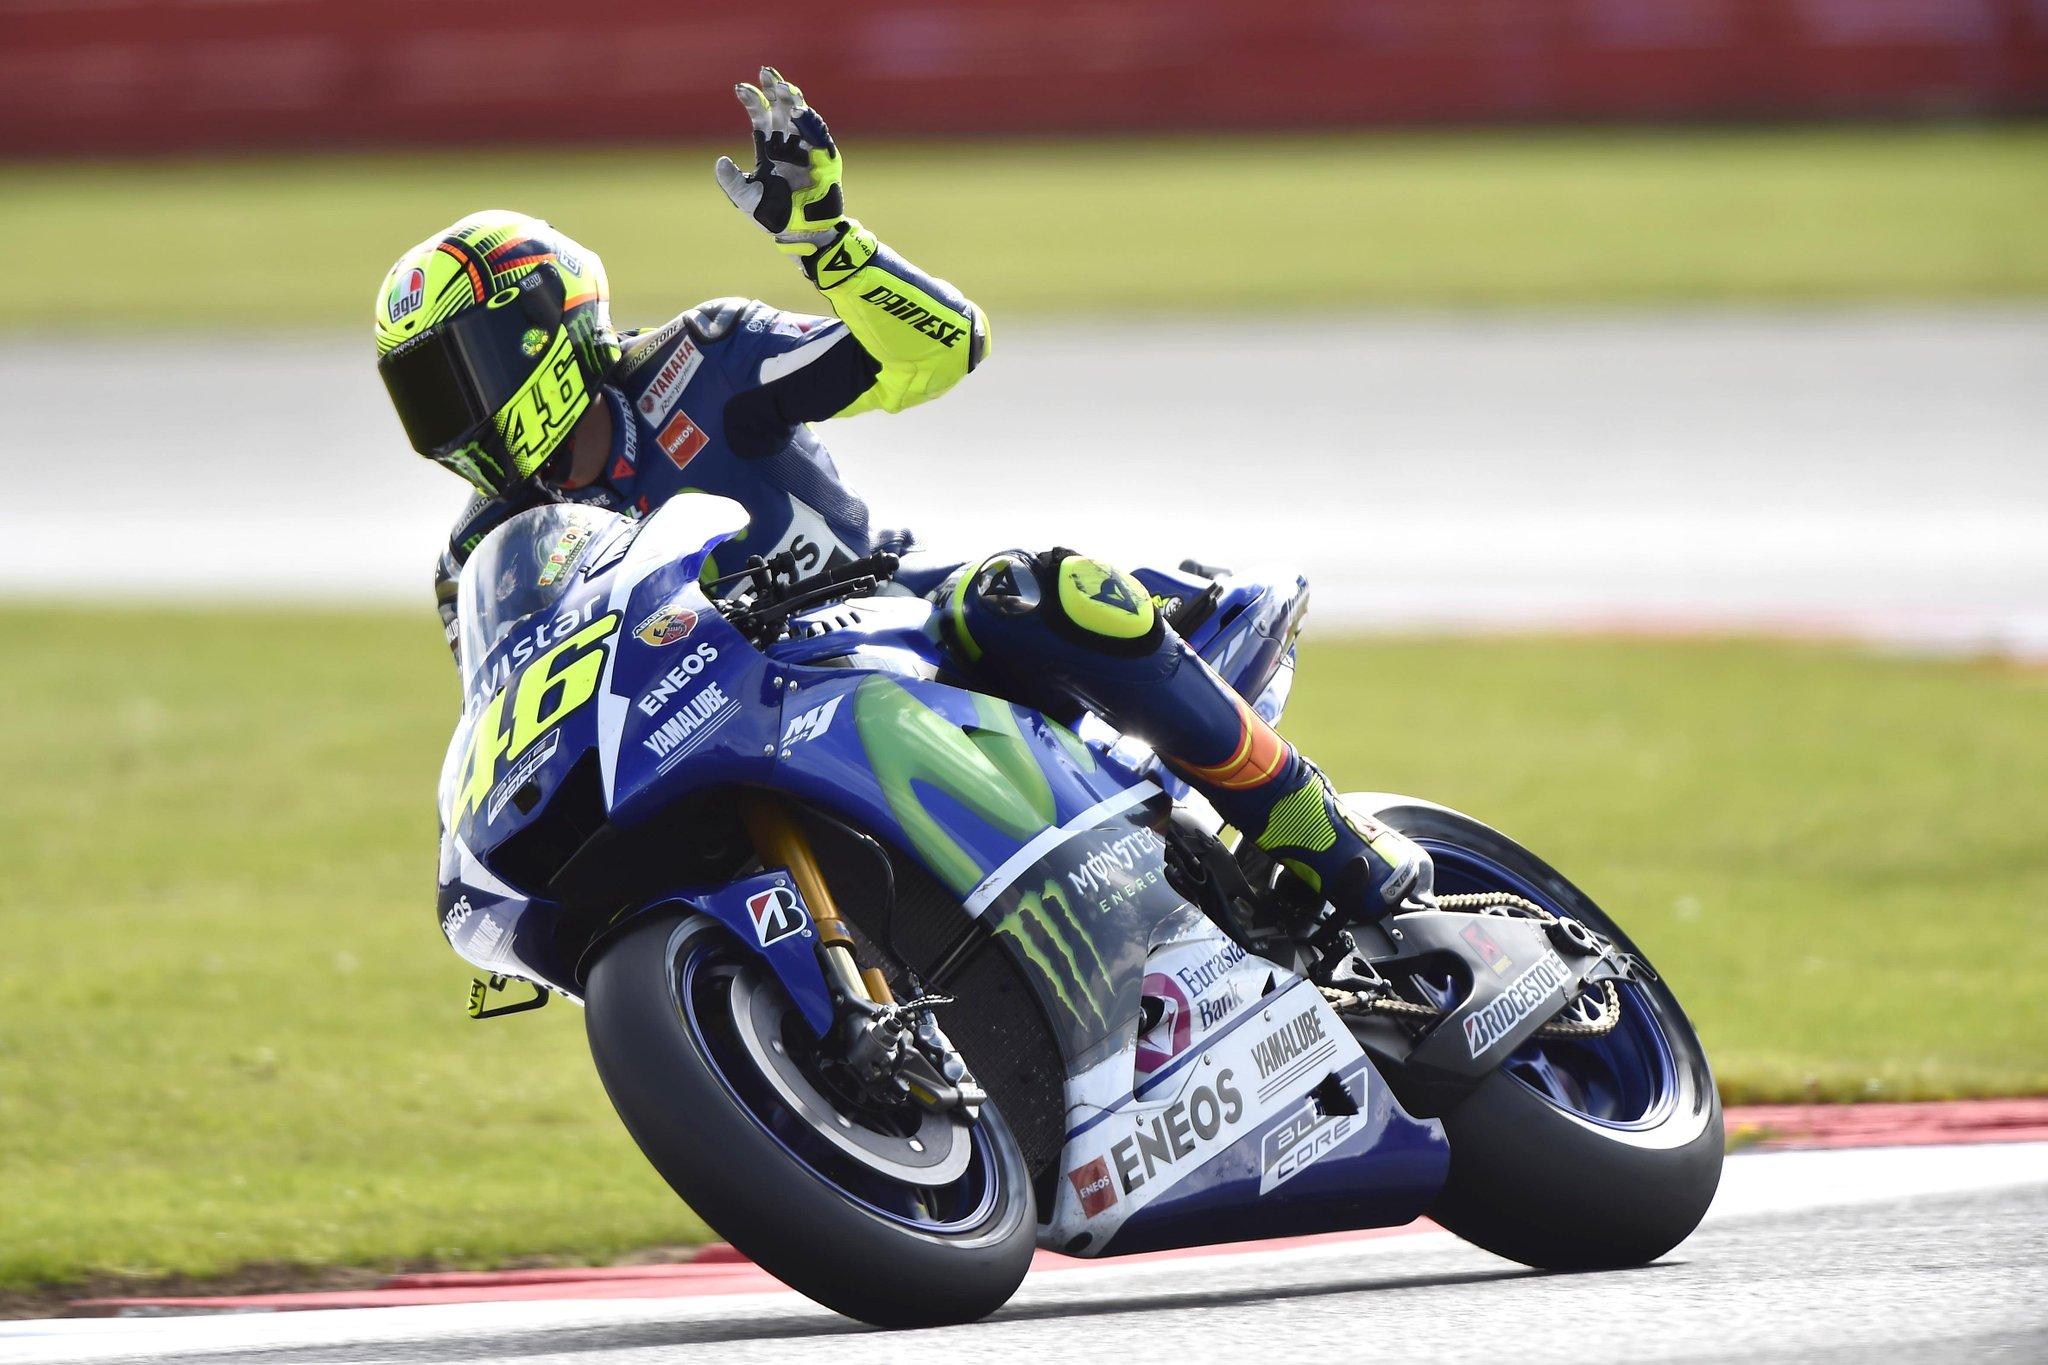 MotoGP 2015 GP Gran Bretagna: la griglia di partenza a Silverstone, partenza oggi in Diretta TV Streaming